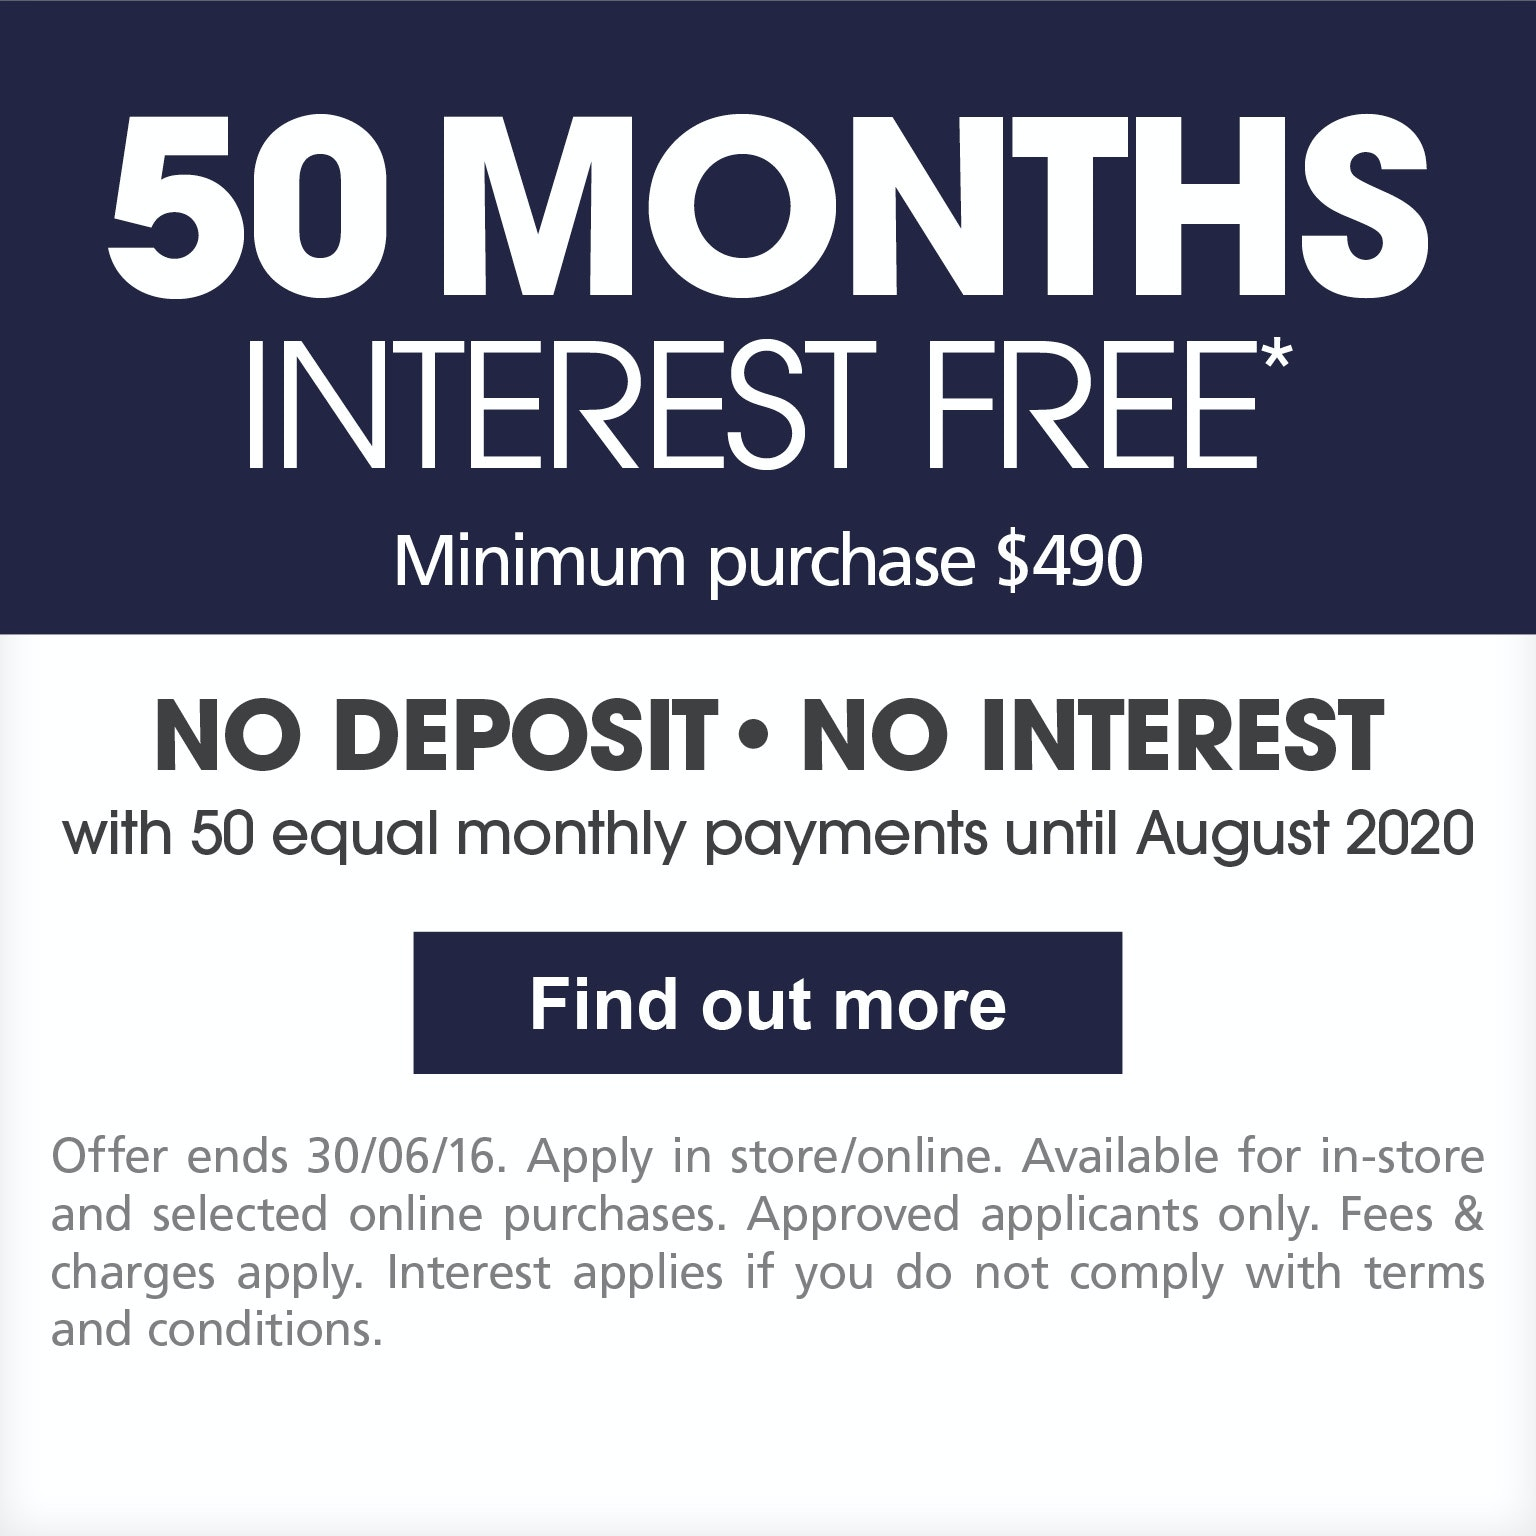 50 Months Interest Free